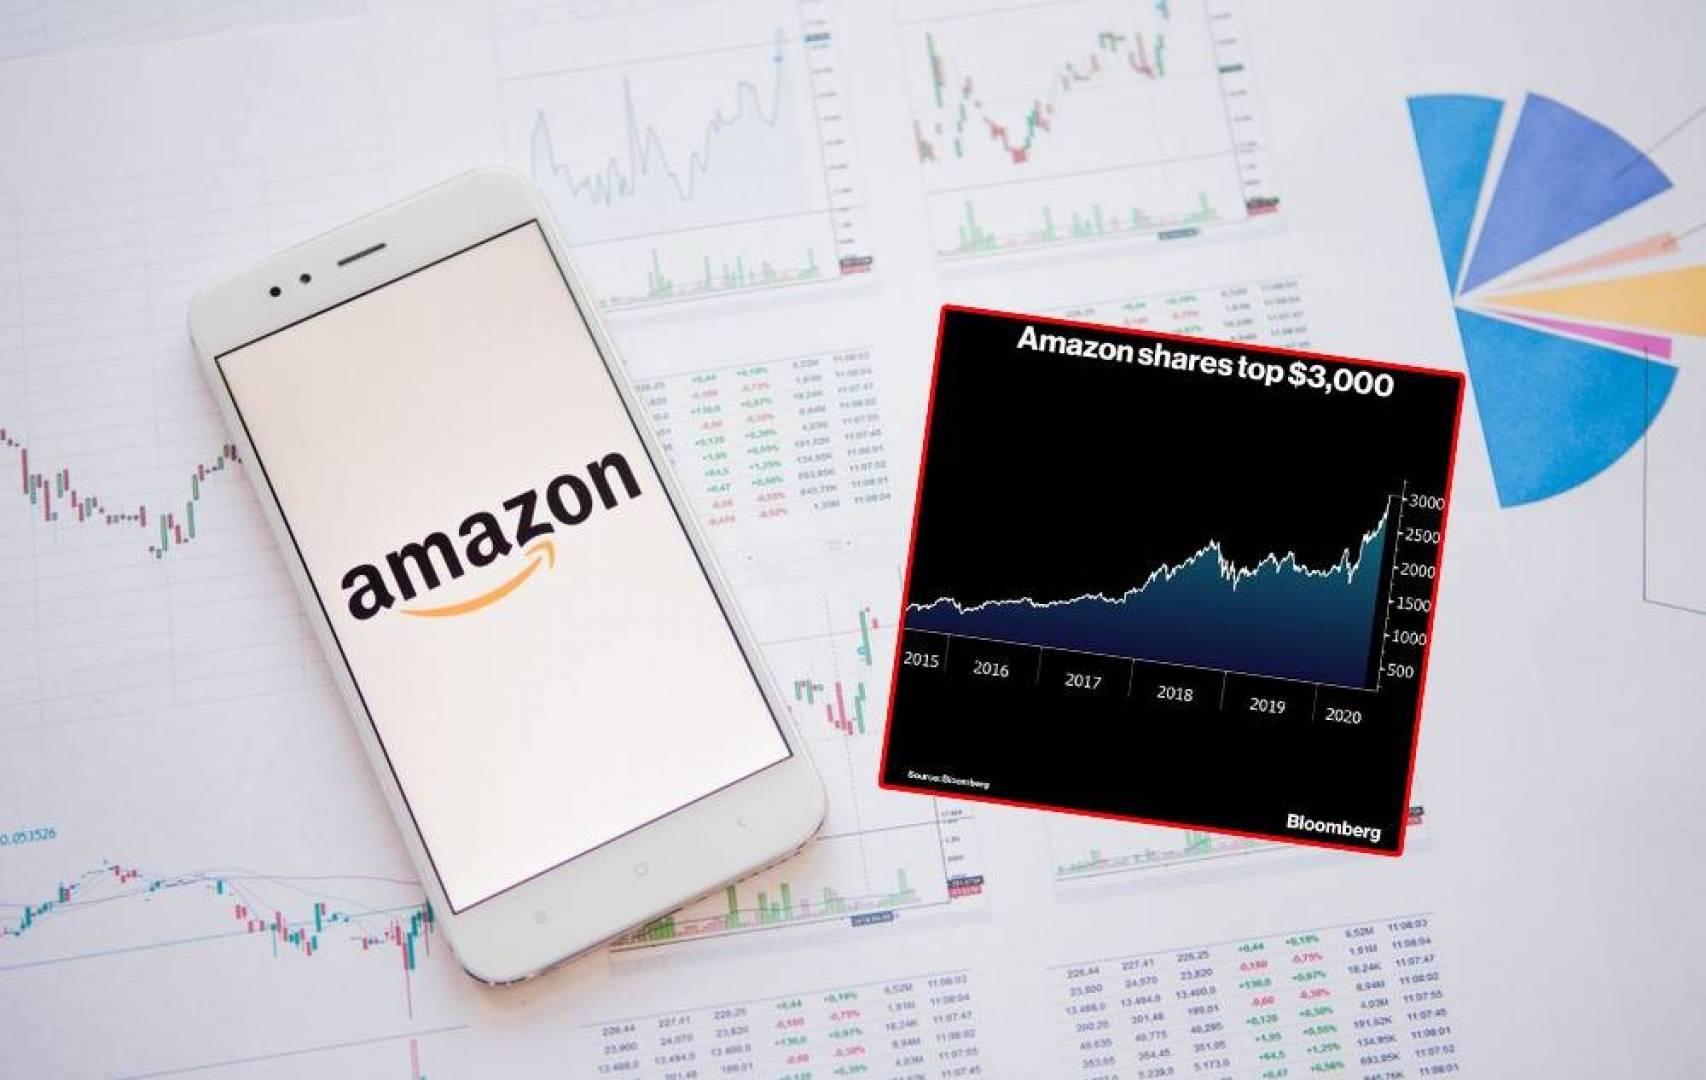 سهم «أمازون» يقفز إلى 3000 دولار.. مسجلاً أعلى مستوى في تاريخه